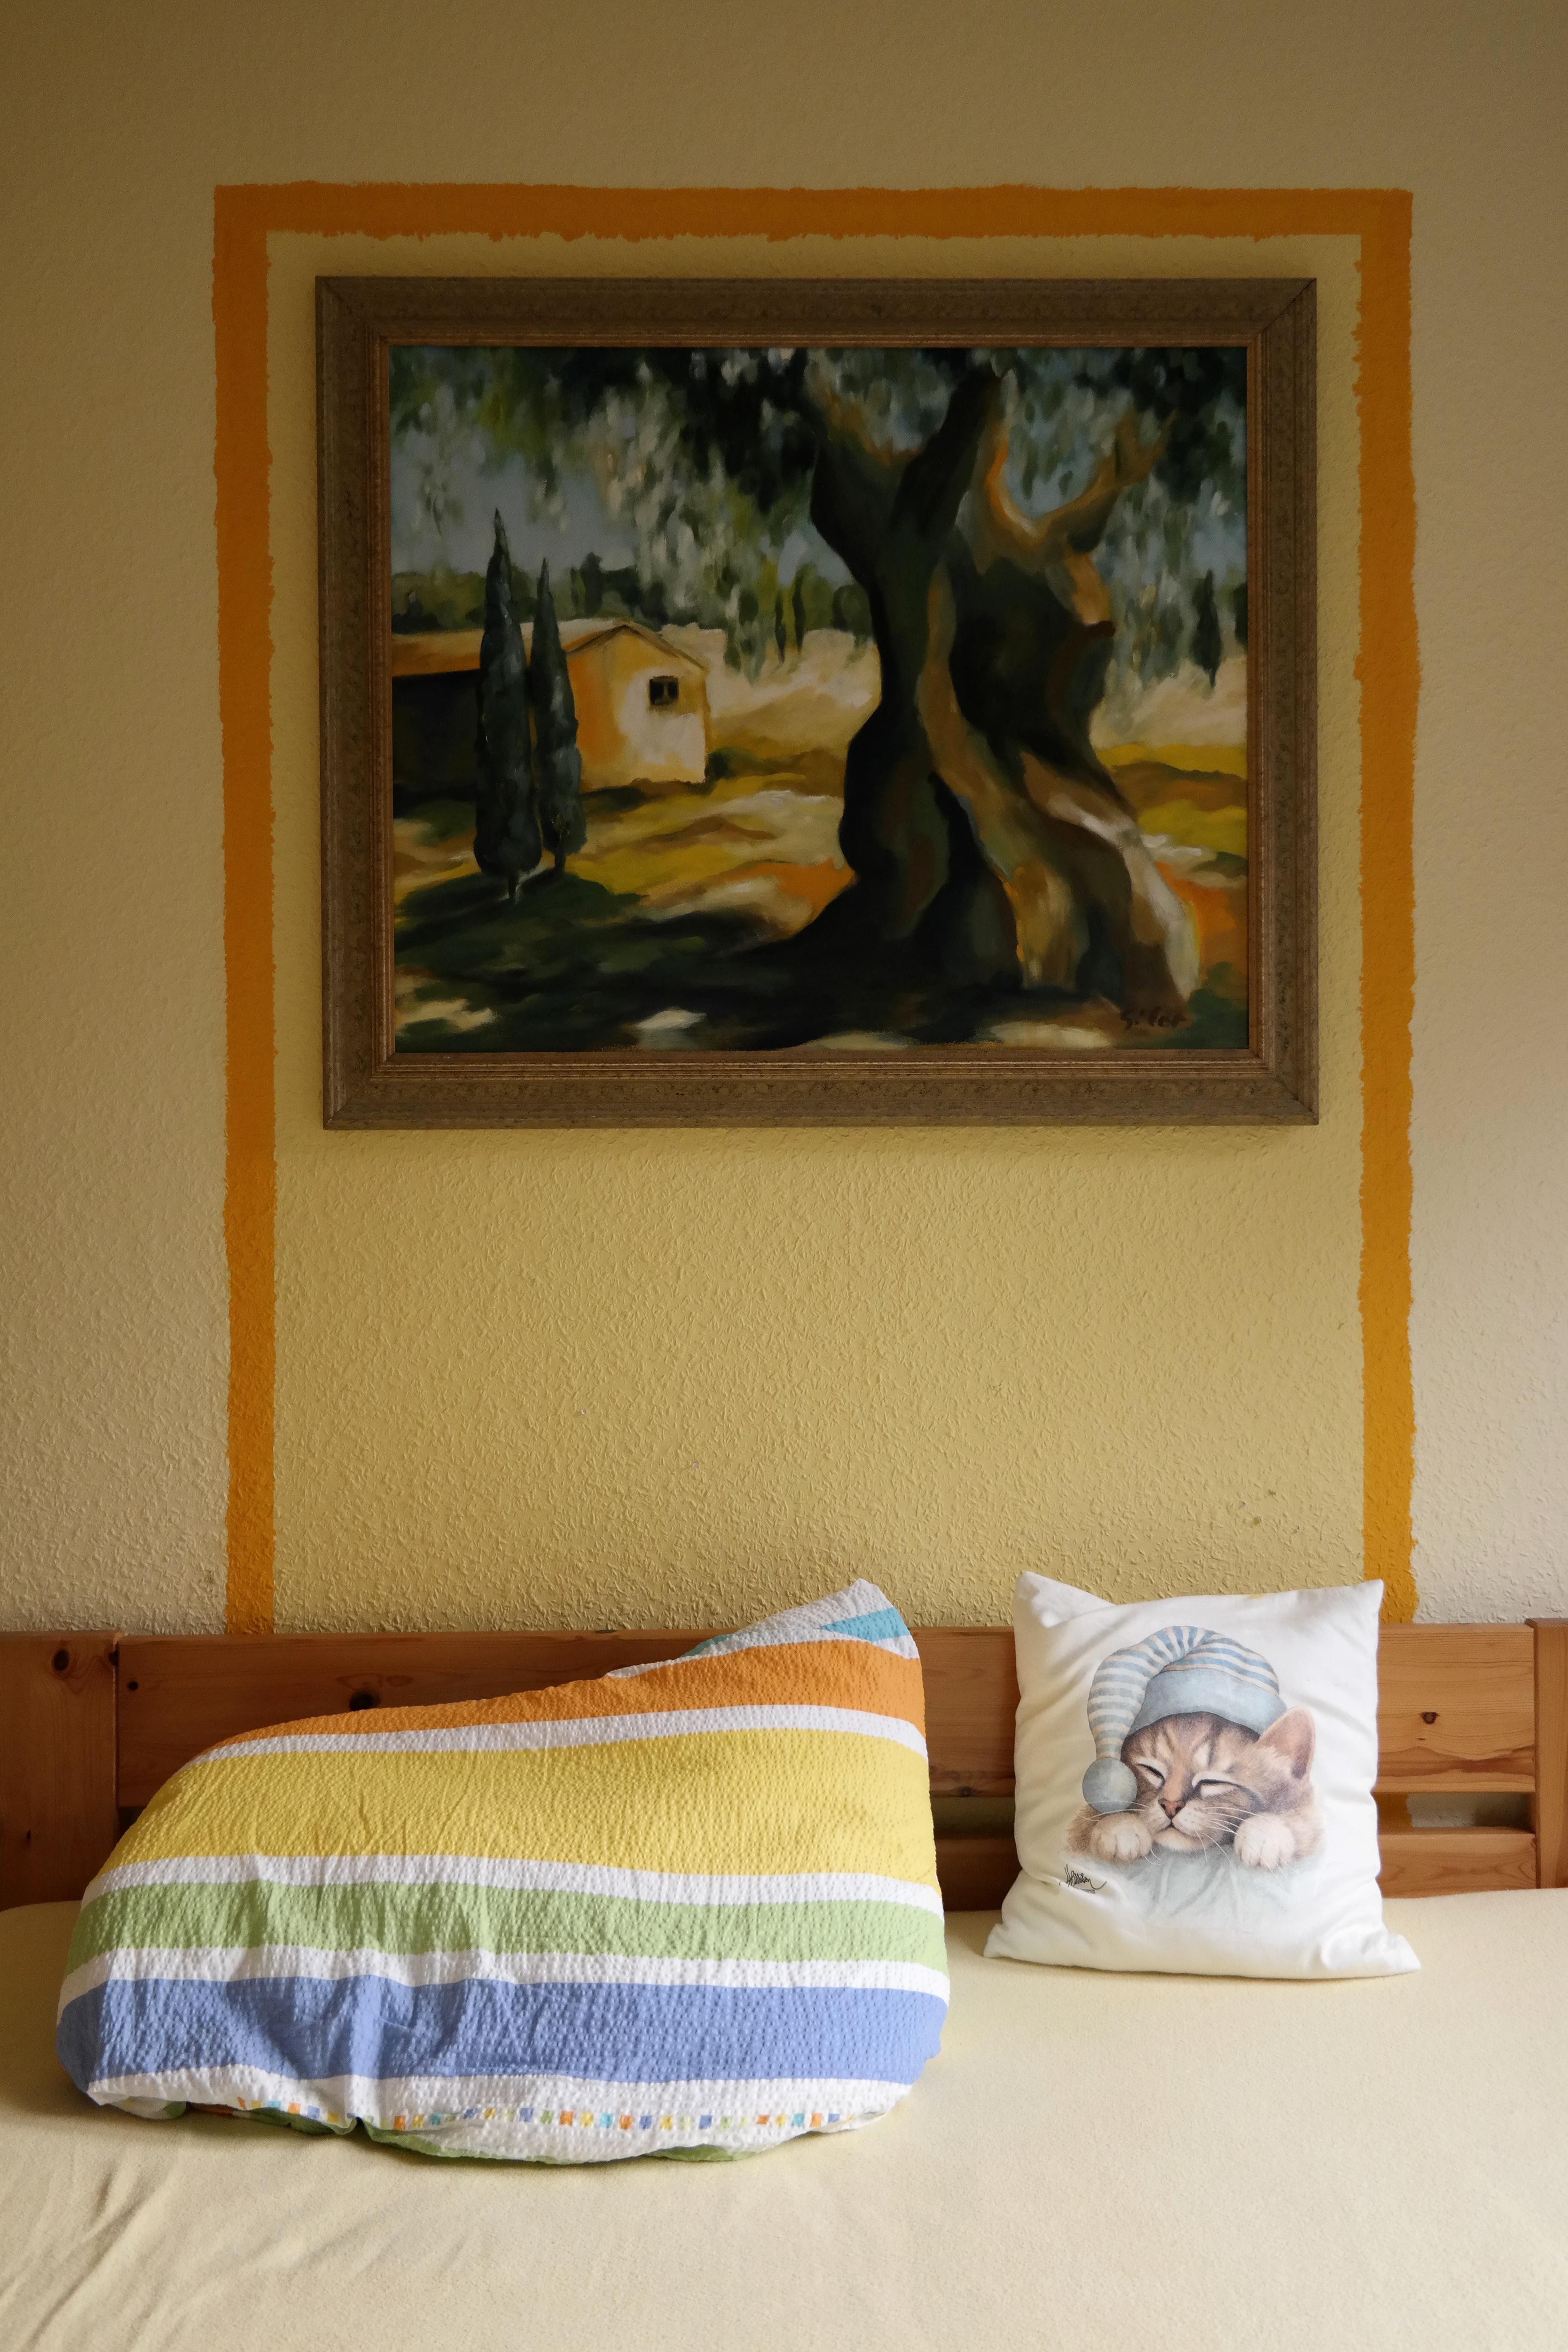 Kostenlose Foto : Holz, Mauer, Entspannen Sie Sich, Gemütlich, Wohnzimmer,  Sich Ausruhen, Möbel, Zimmer, Kissen, Schlafzimmer, Malerei,  Innenarchitektur, ...